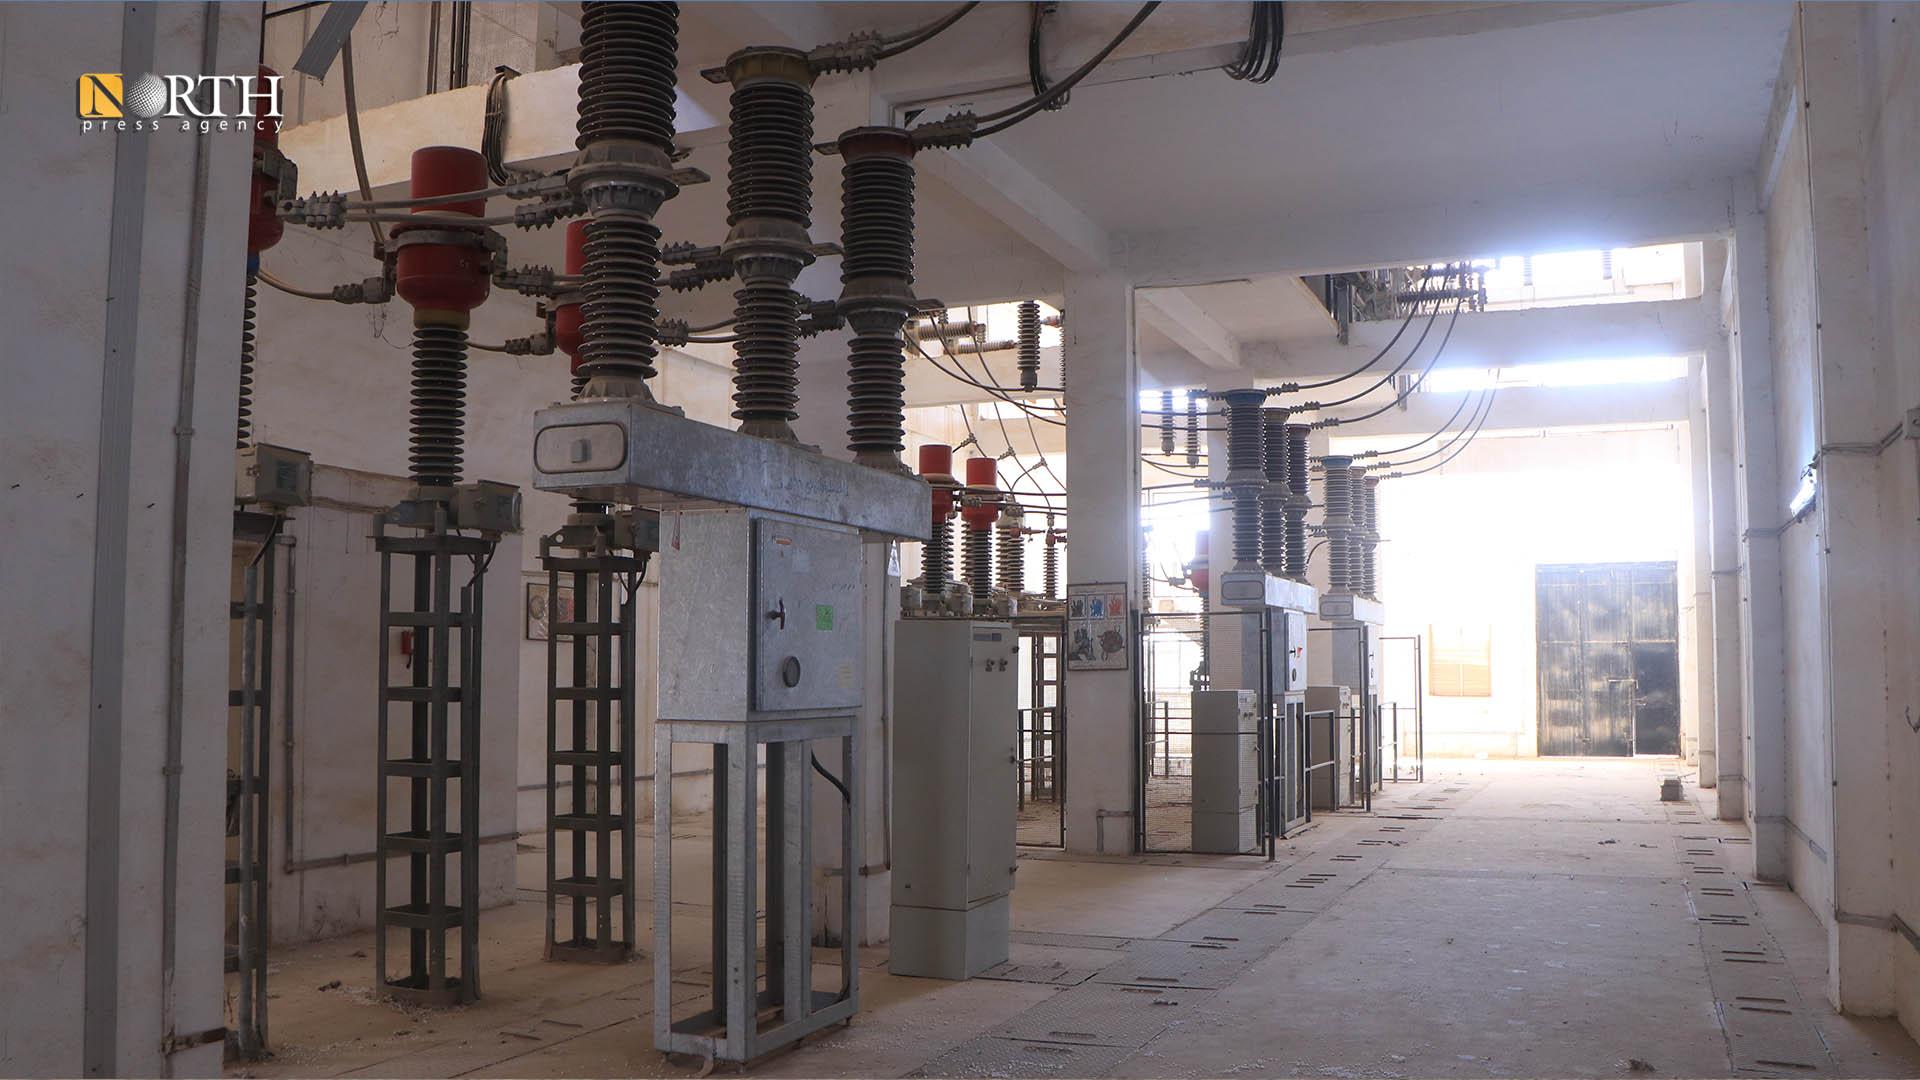 Al-Ghazel electric station in Hasakah – North Press.